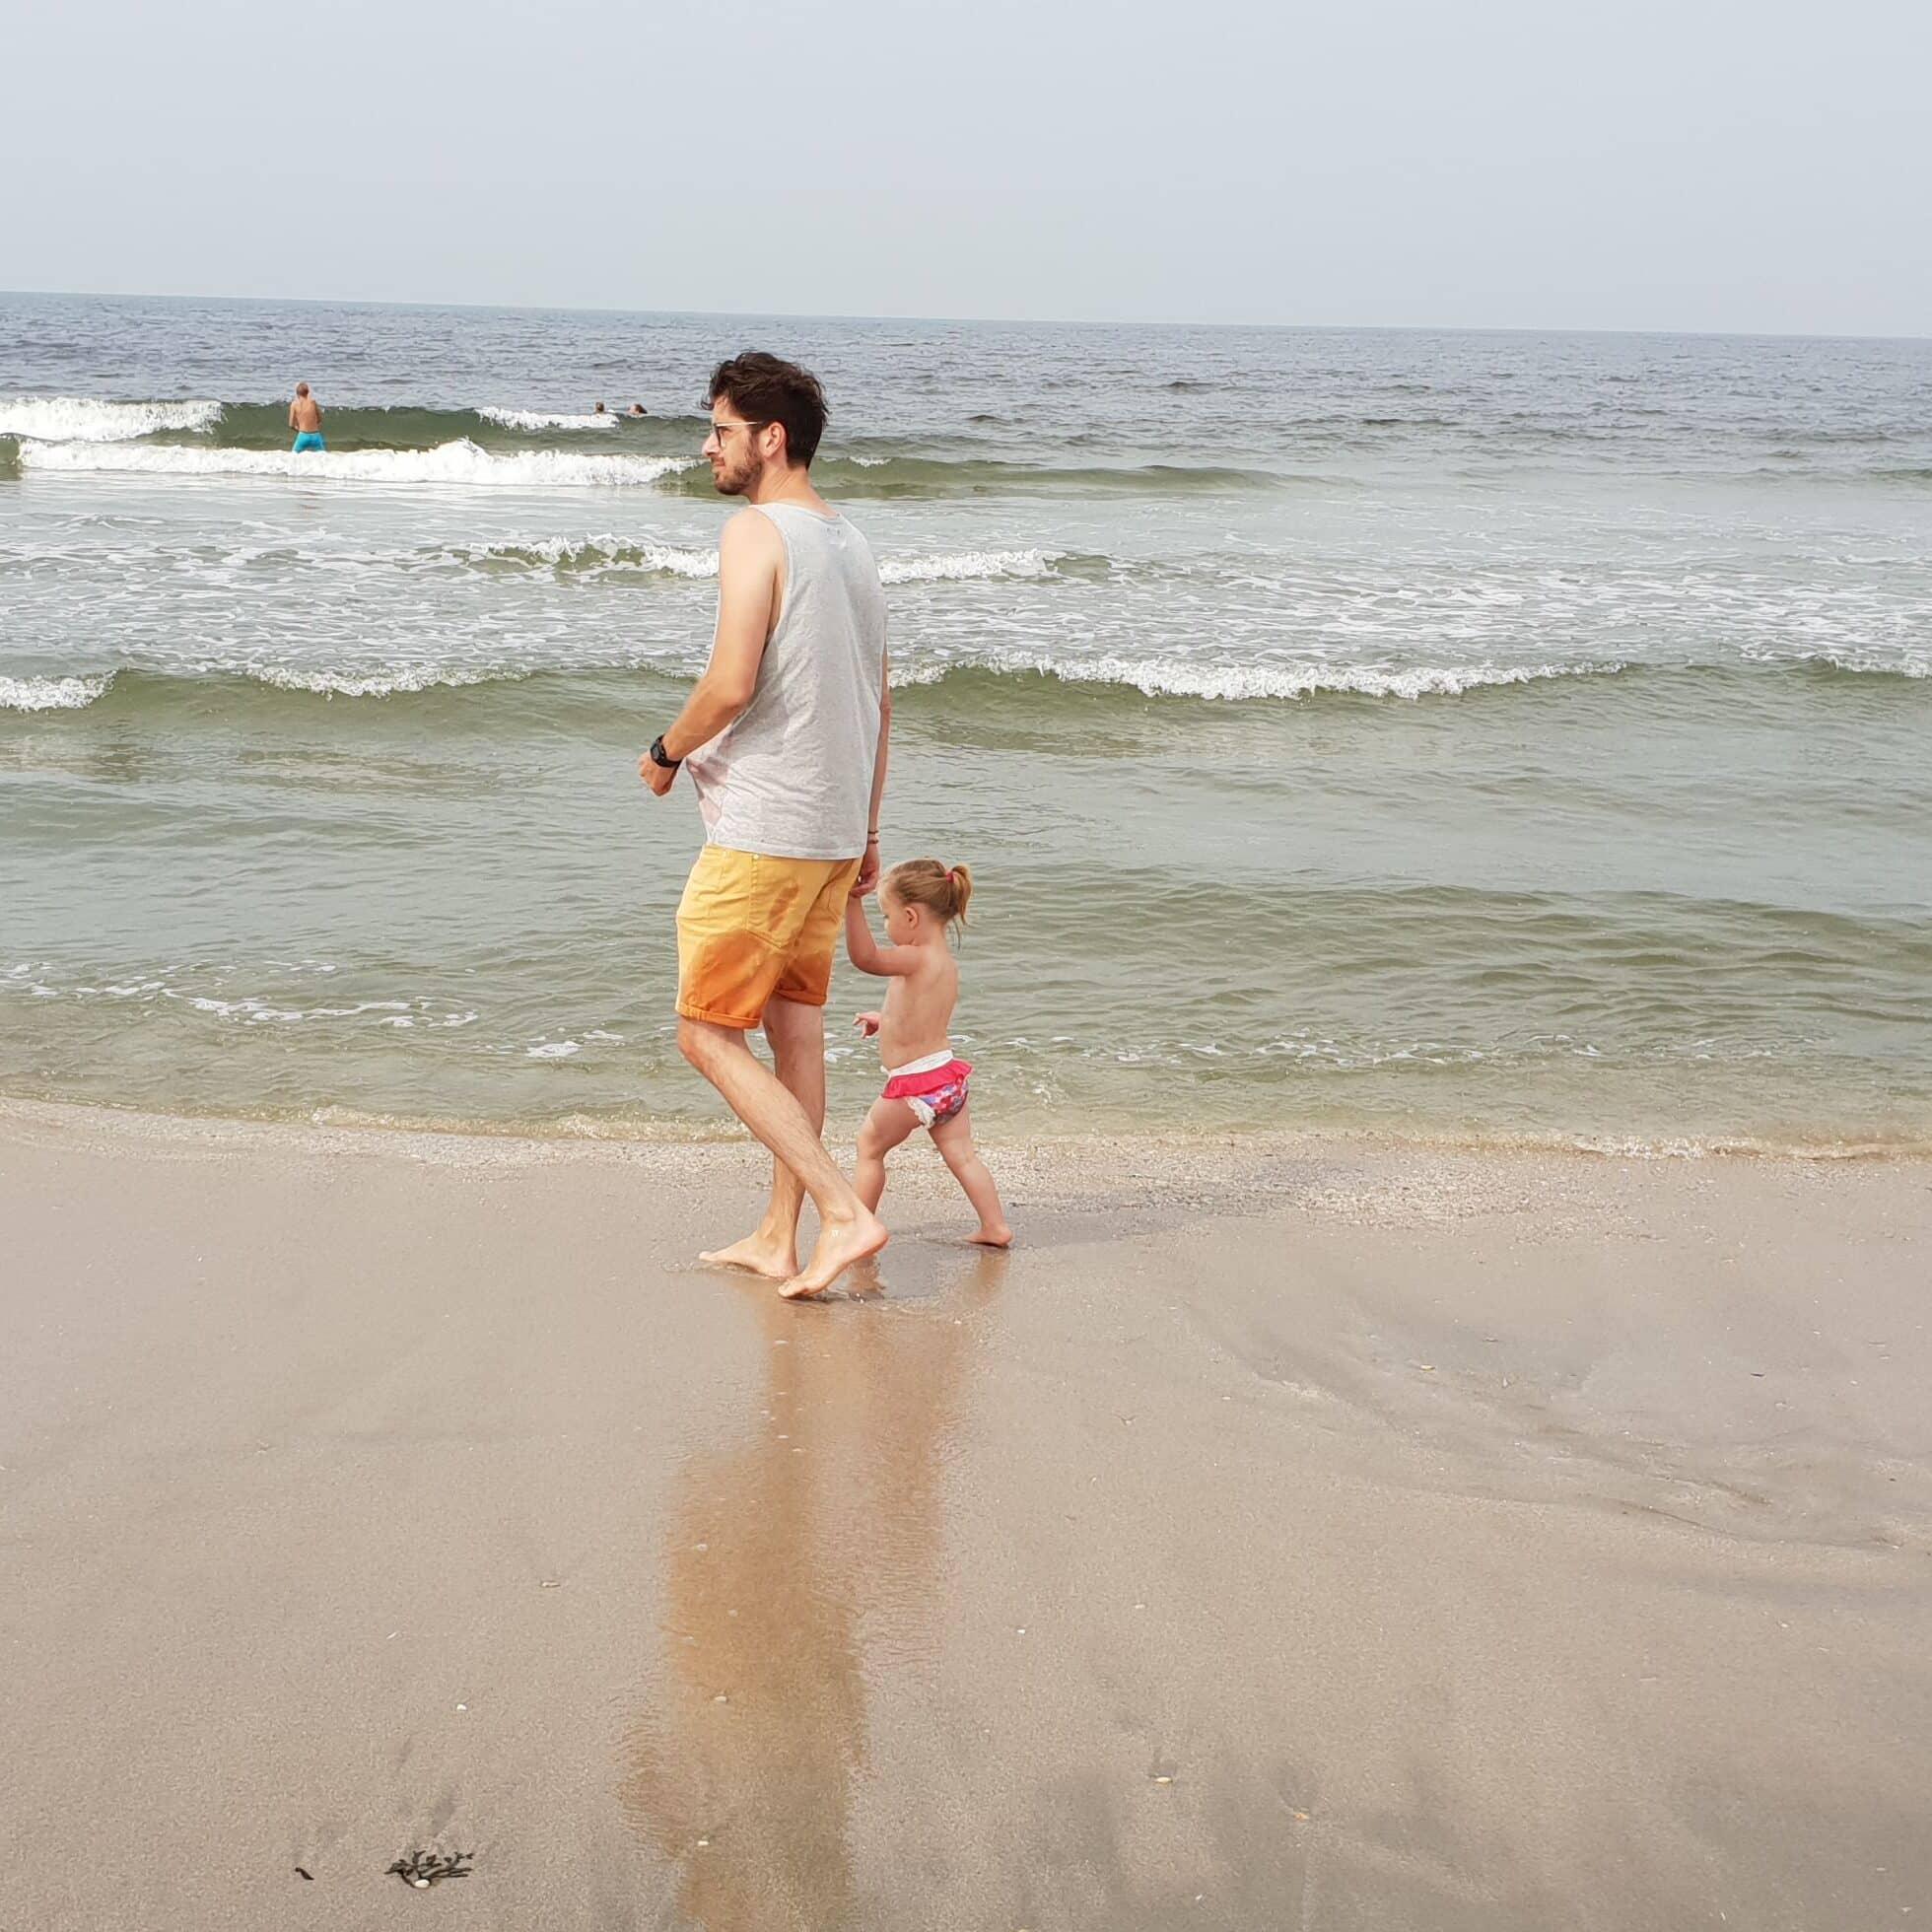 Op het strand - dadventures.nl